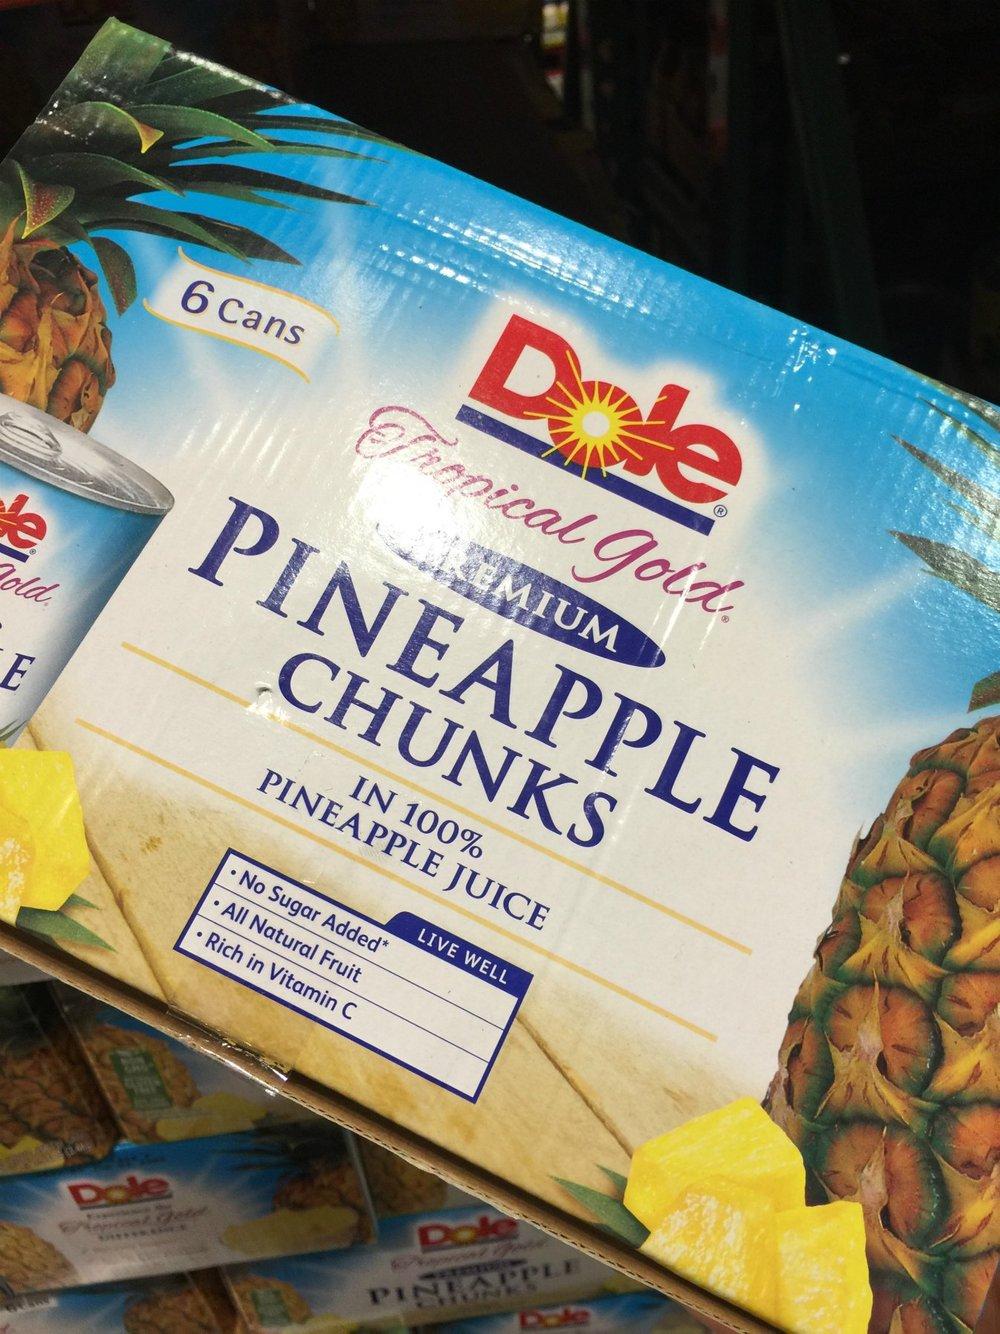 pineapple-chunks-he-and-she-eat-clean-costco-shopping-list.jpg